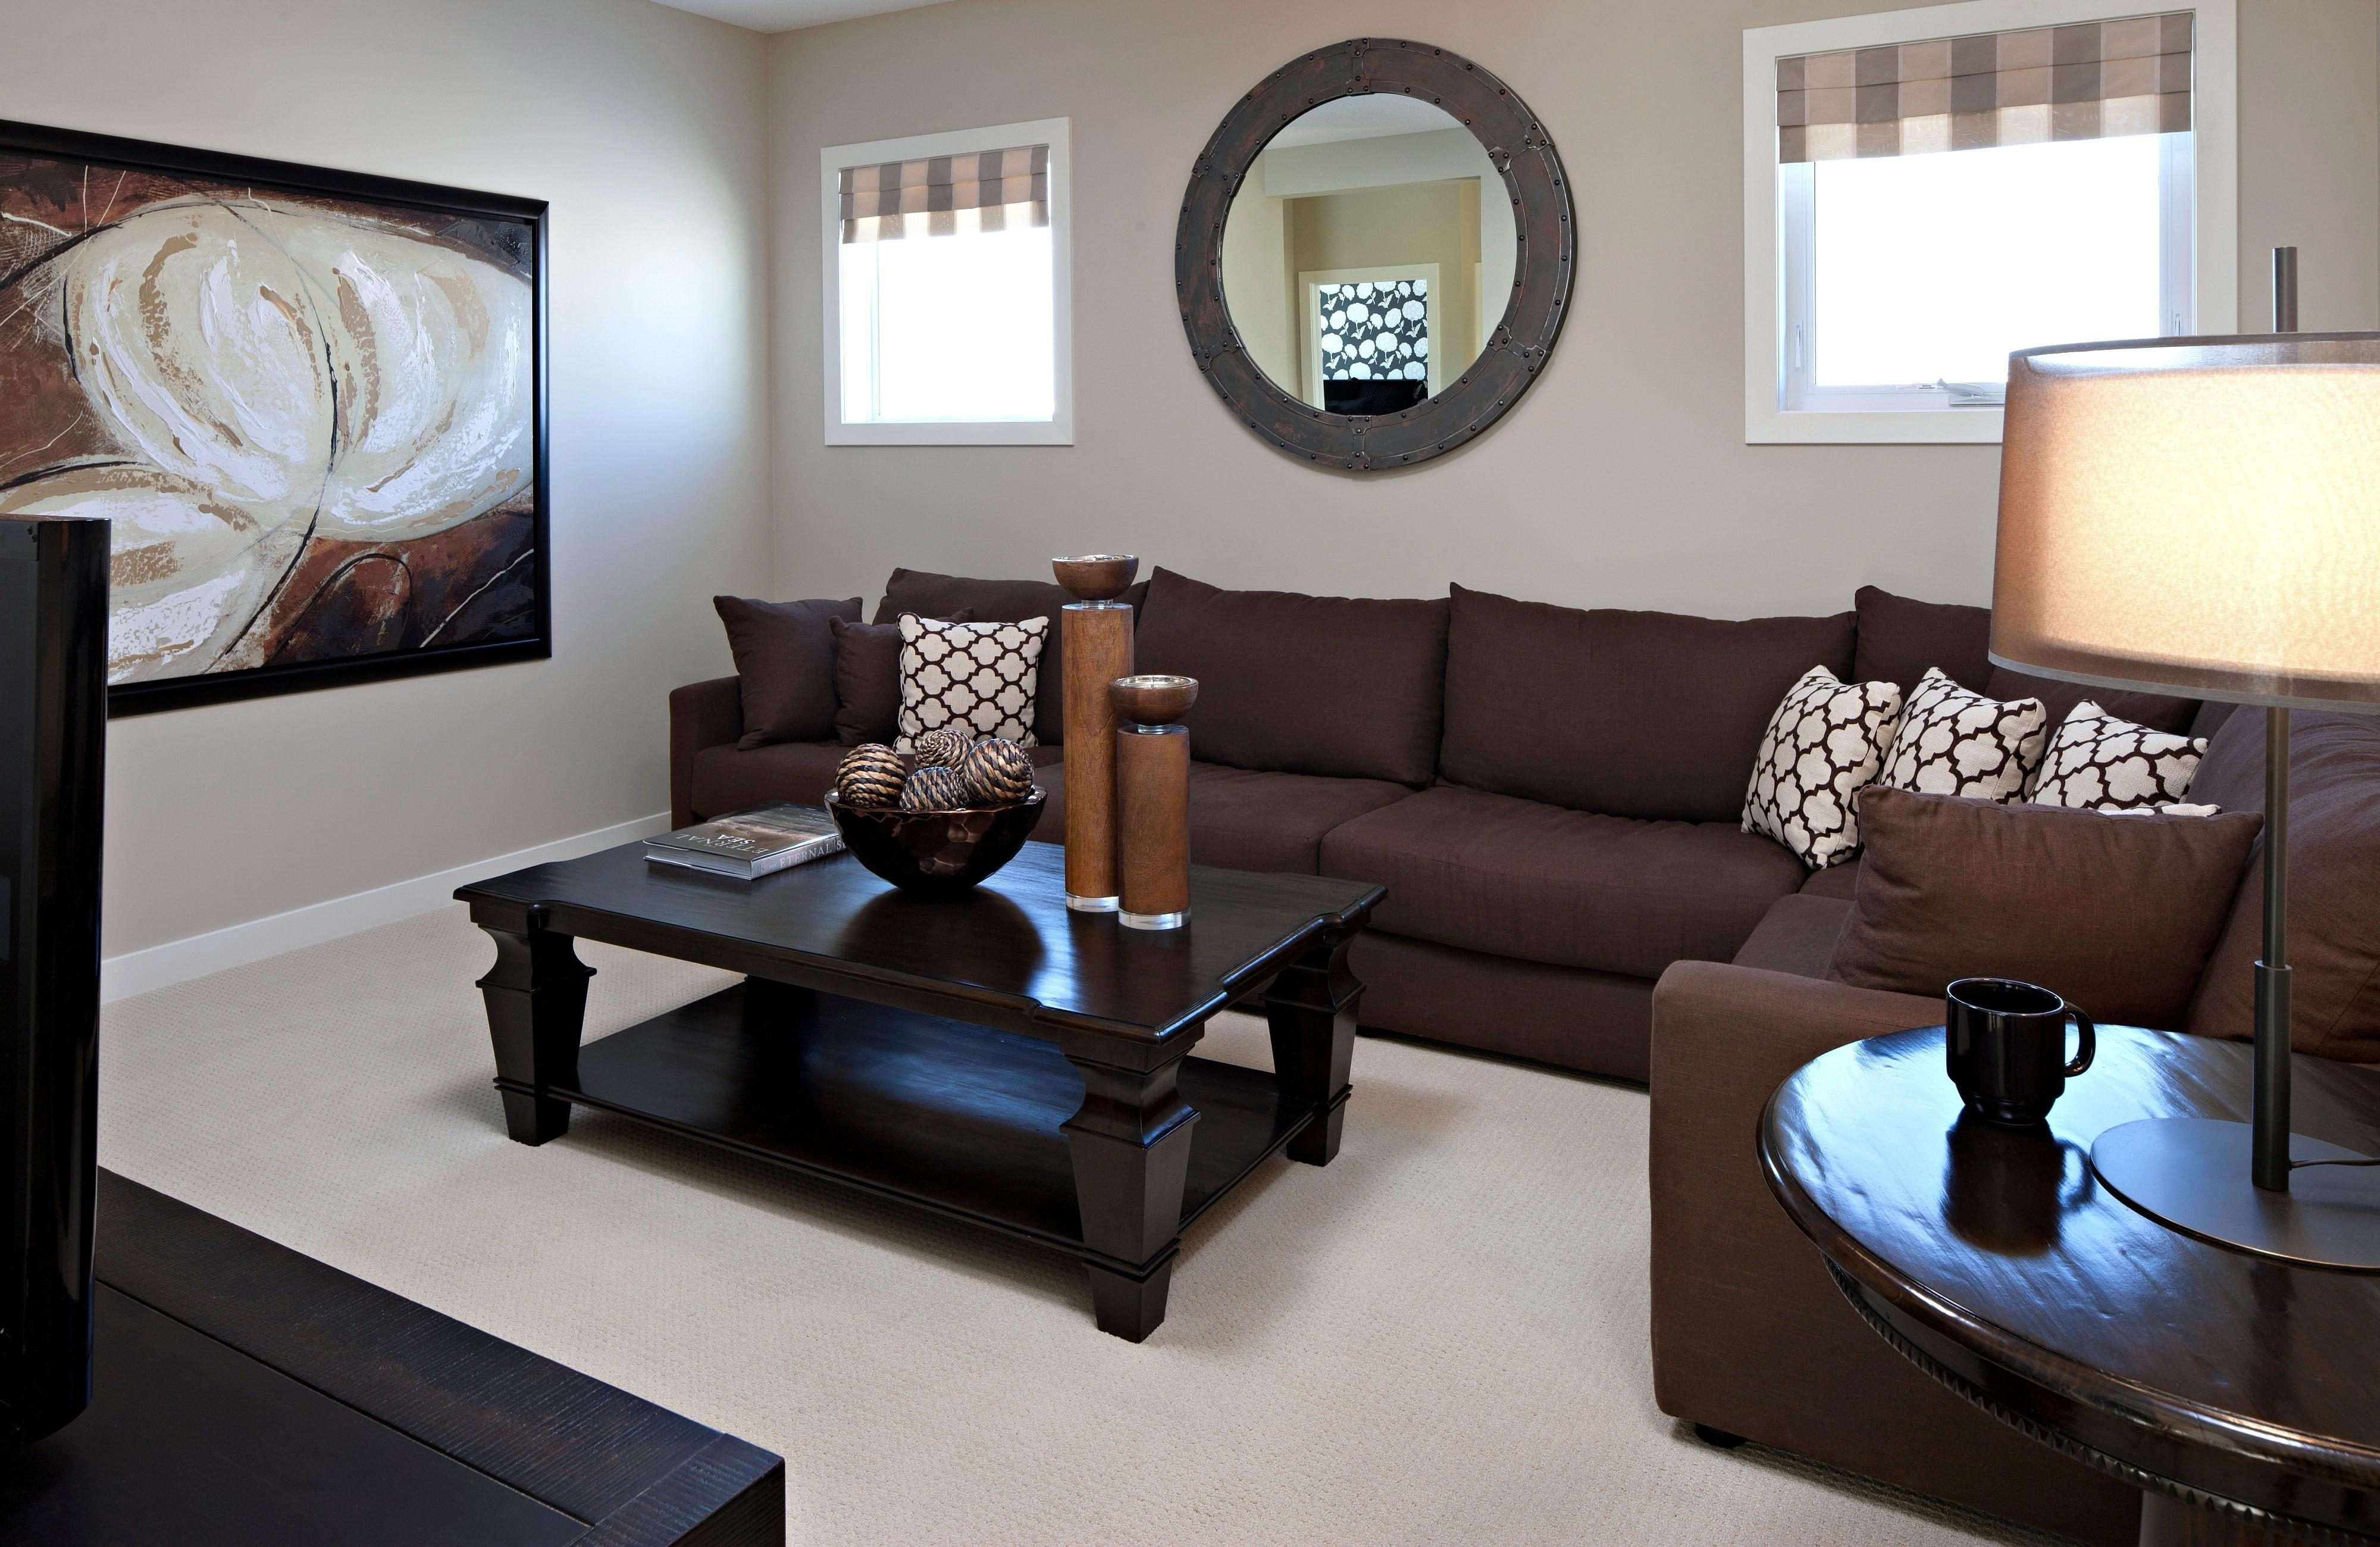 Fondos de pantalla habitaci n mesa adentro dise o de - De salas inmobiliaria ...